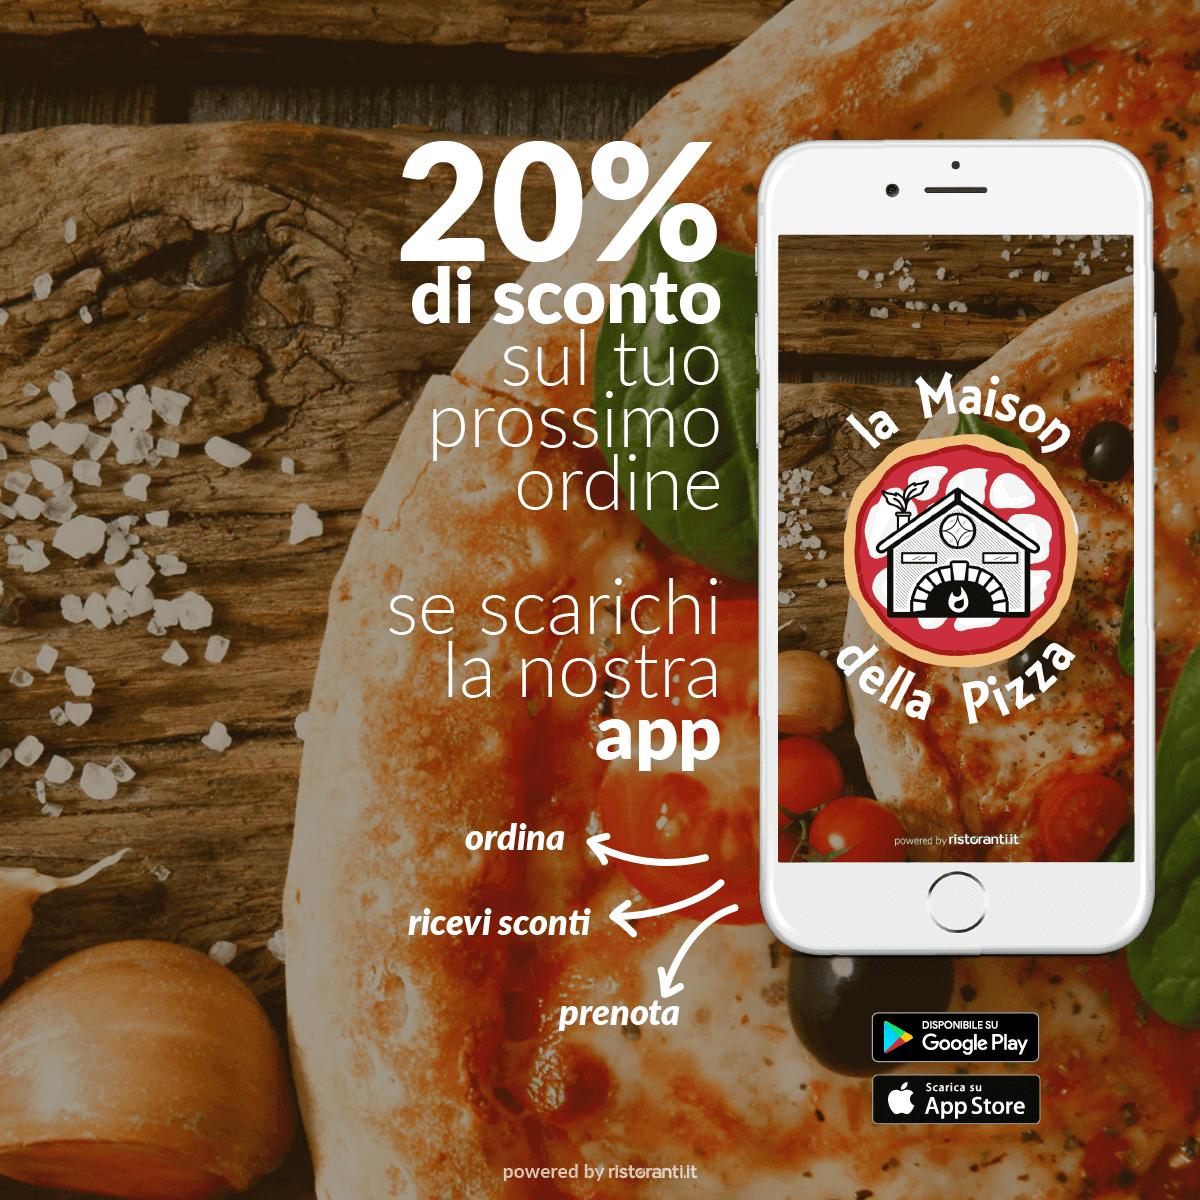 App La Maison della Pizza